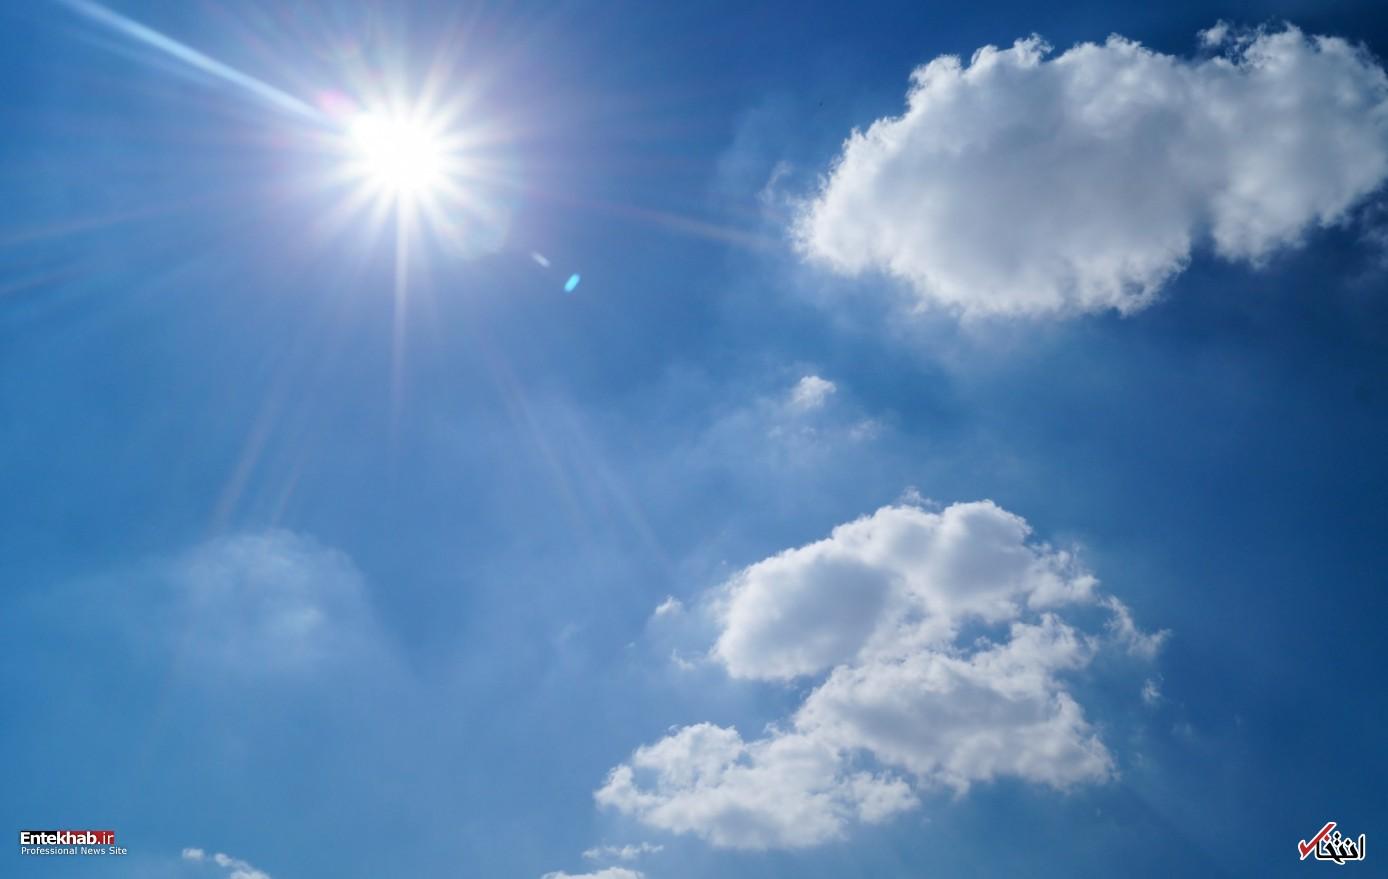 وضعیت اب وهوا در نوروز 96 پیشبینی هوای کشور در هفته اول فروردین 97 | ایسنا | خبروان